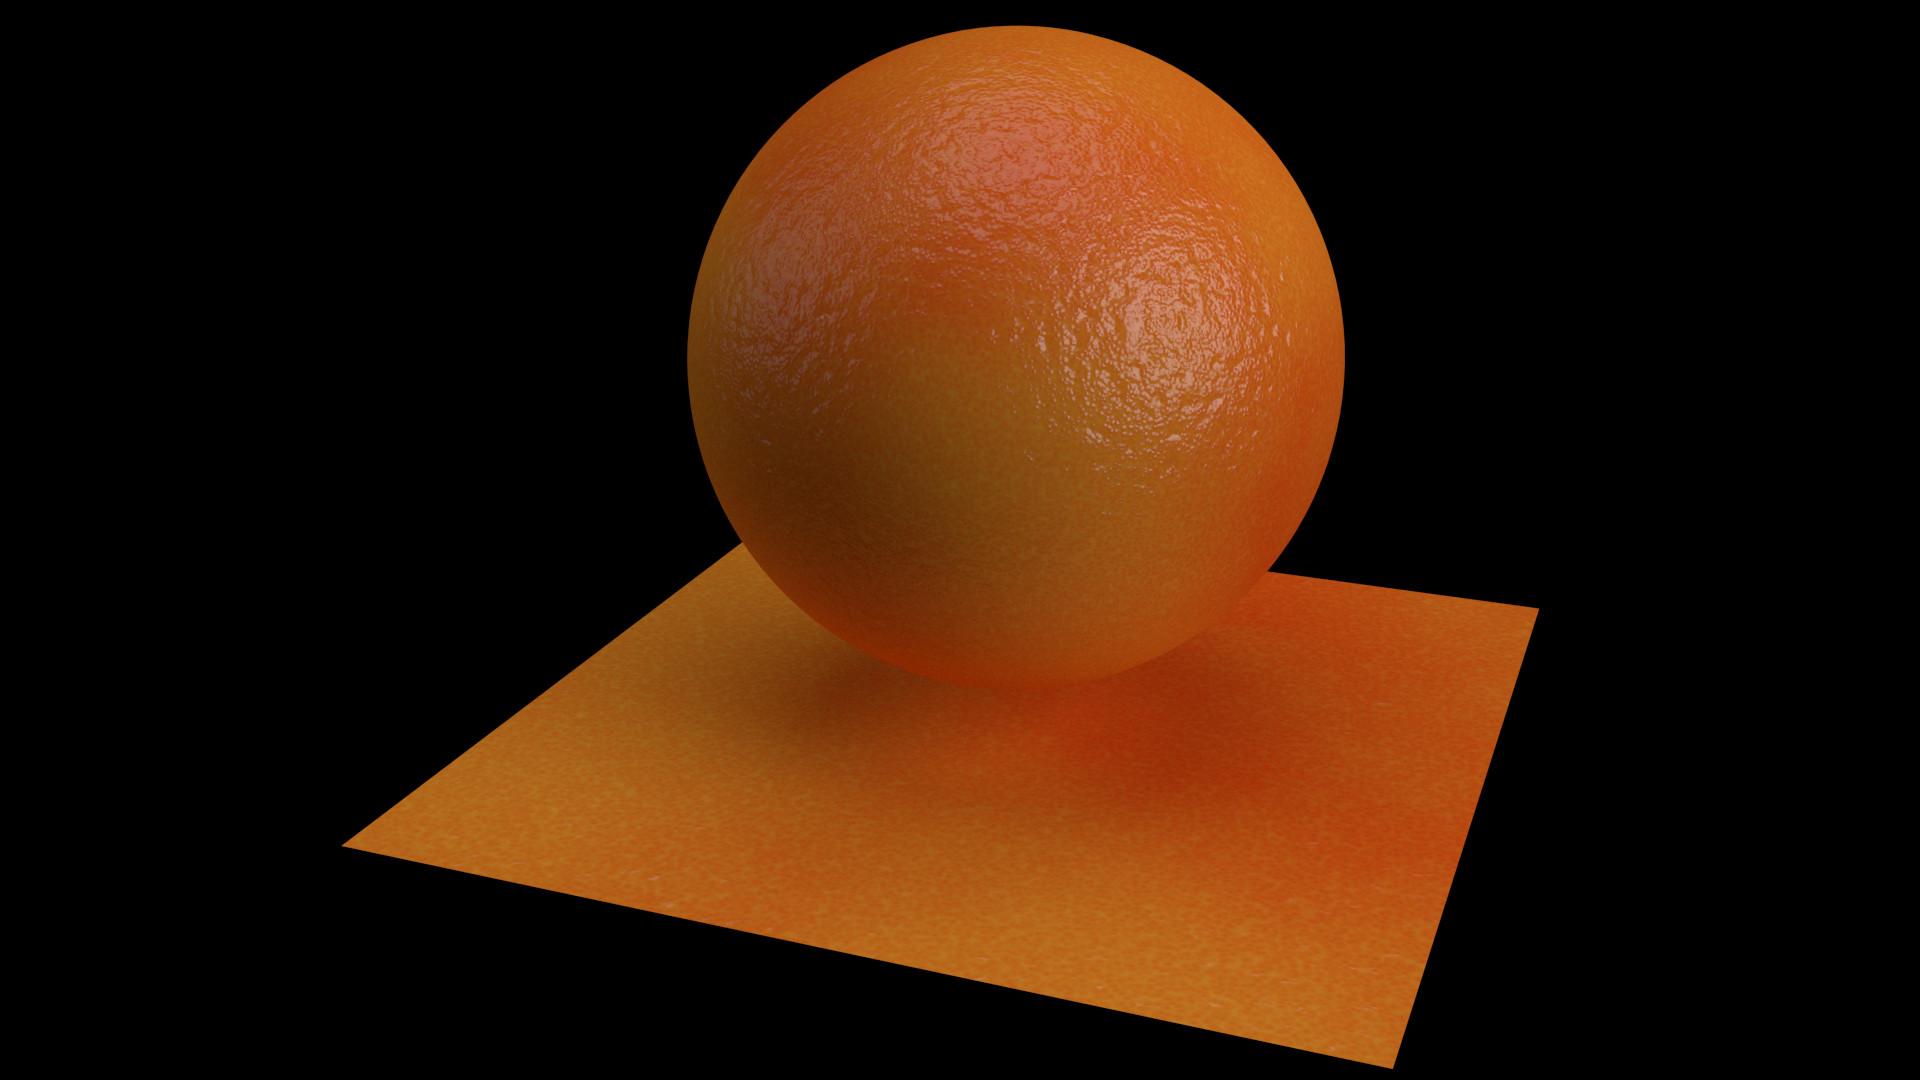 Orange skin v1.0